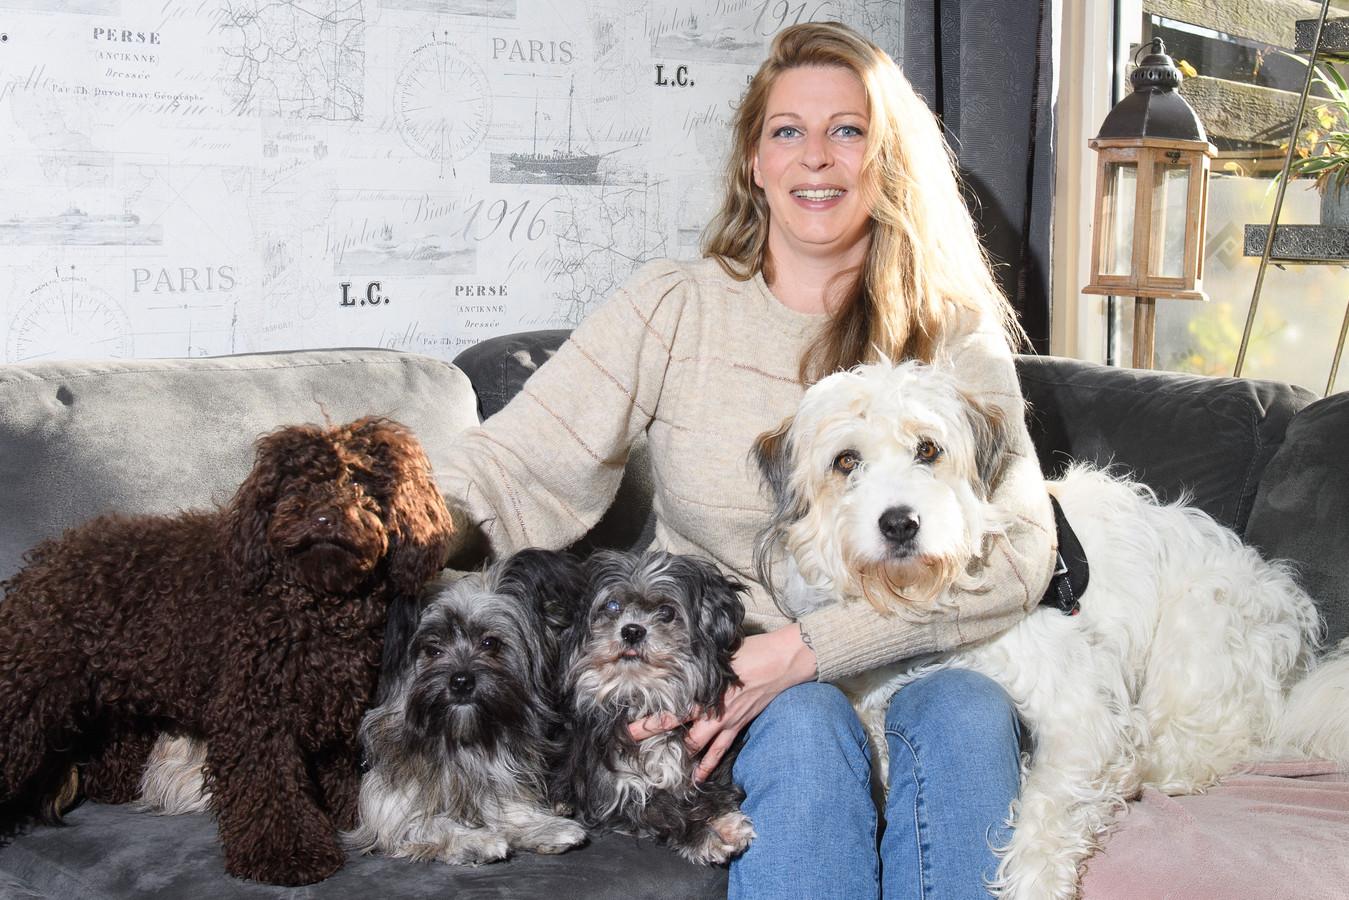 """Ramona Stoeten tussen haar honden. """"Hoe kun je een huisdier dumpen als een stuk vuil?"""""""